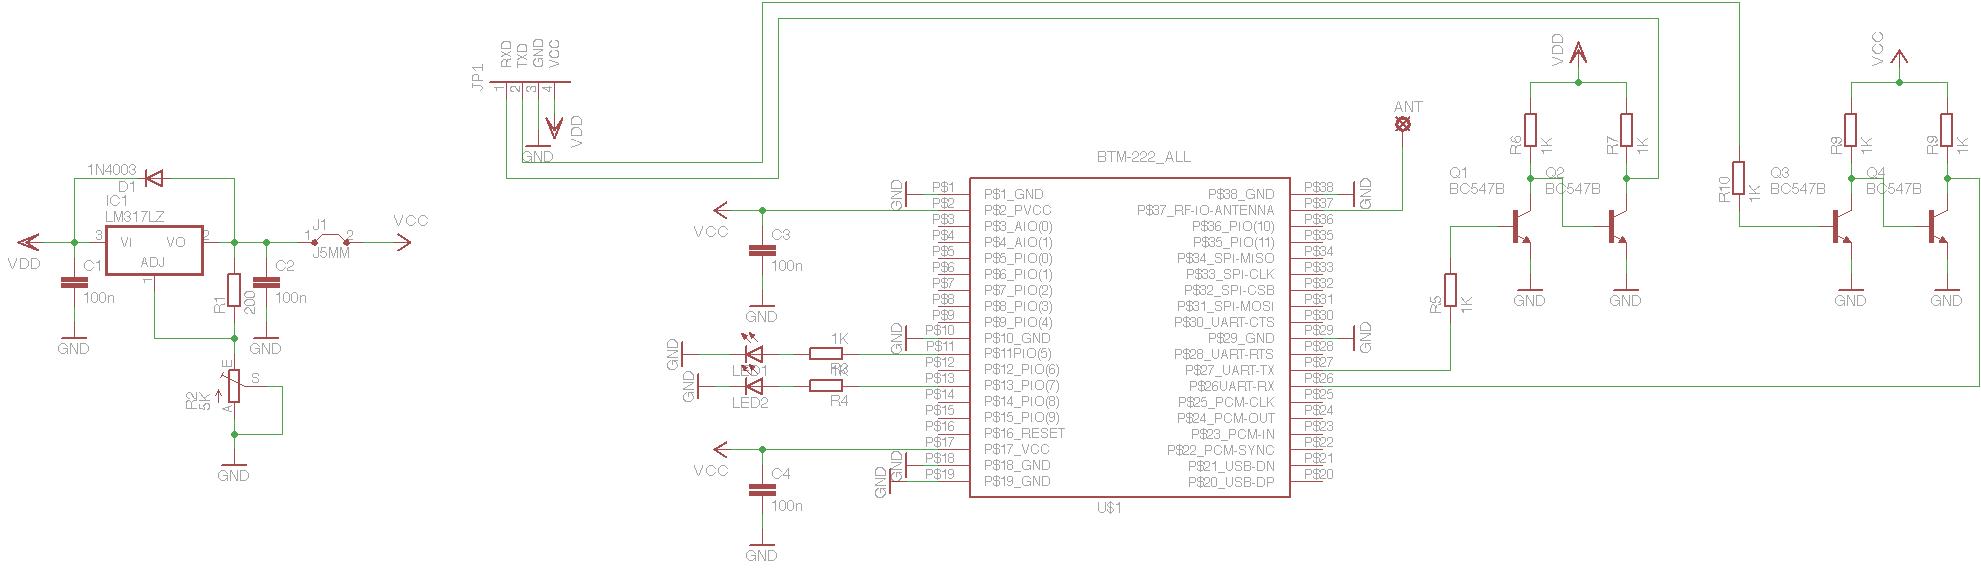 Bluetooth UART (BTM-222) - xythobuz.de